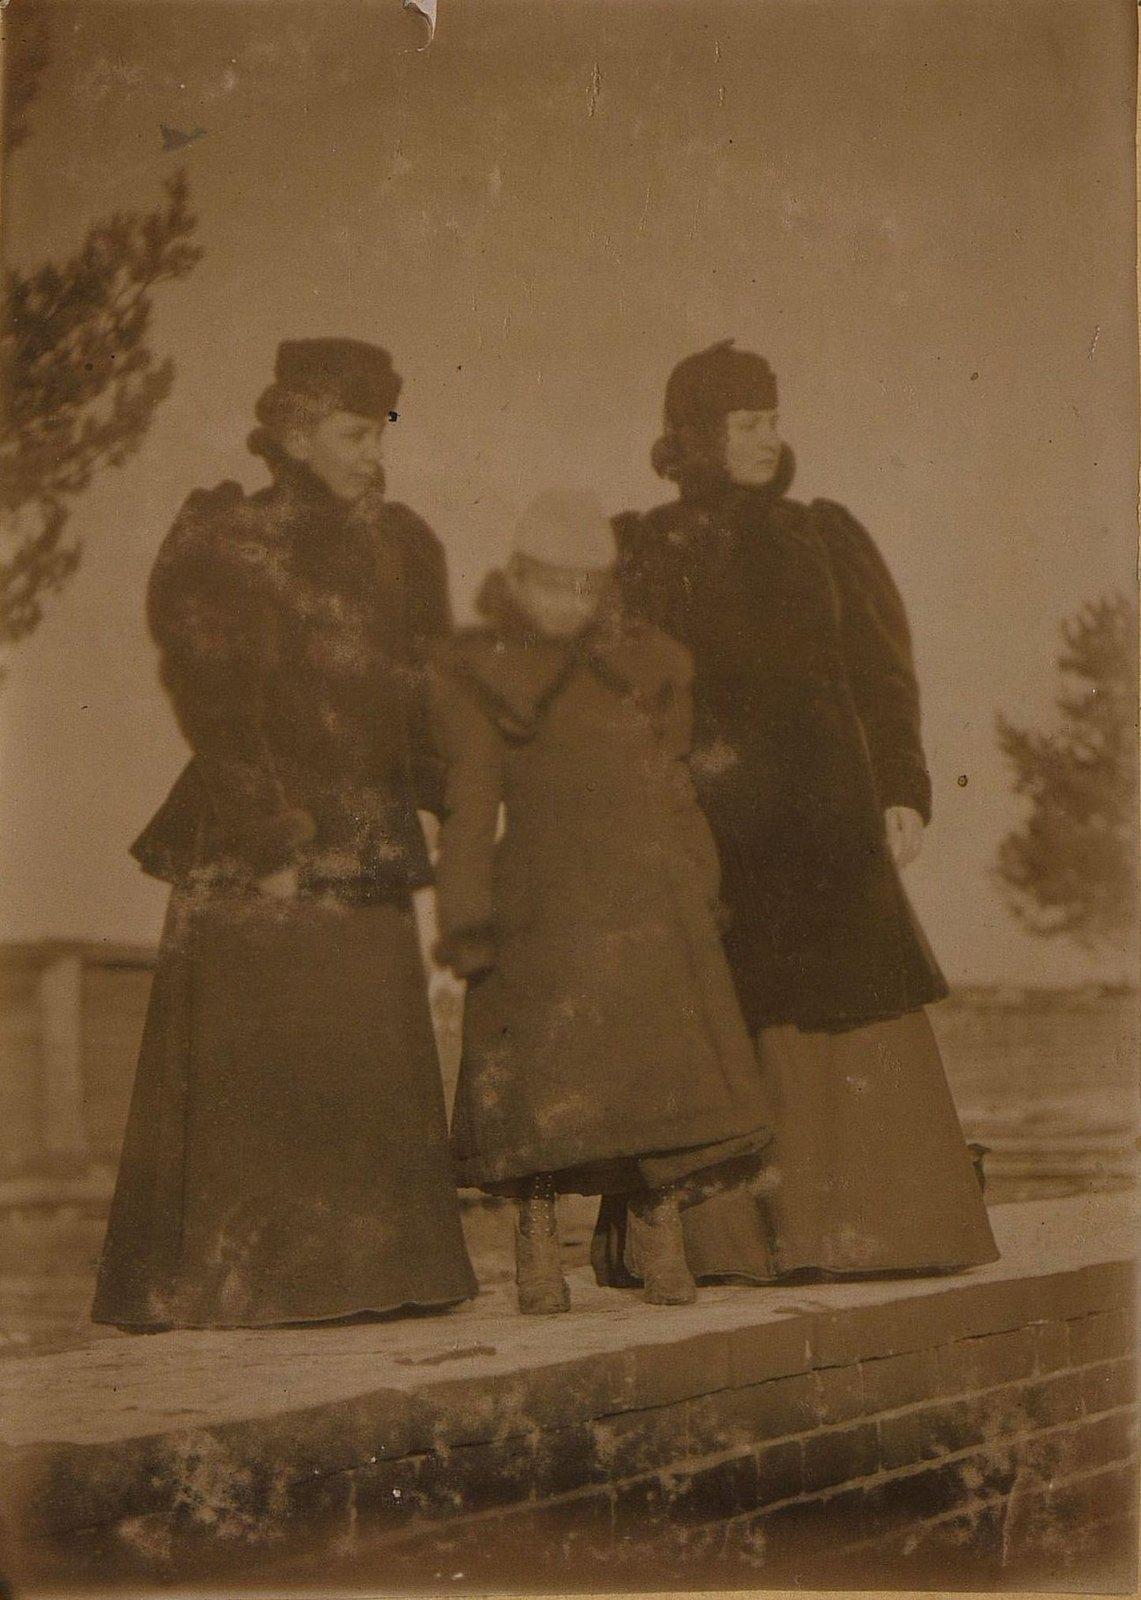 29. Савельева Наталья Алексеевна, жена управляющего заводом Завьялова, с двумя дочерьми